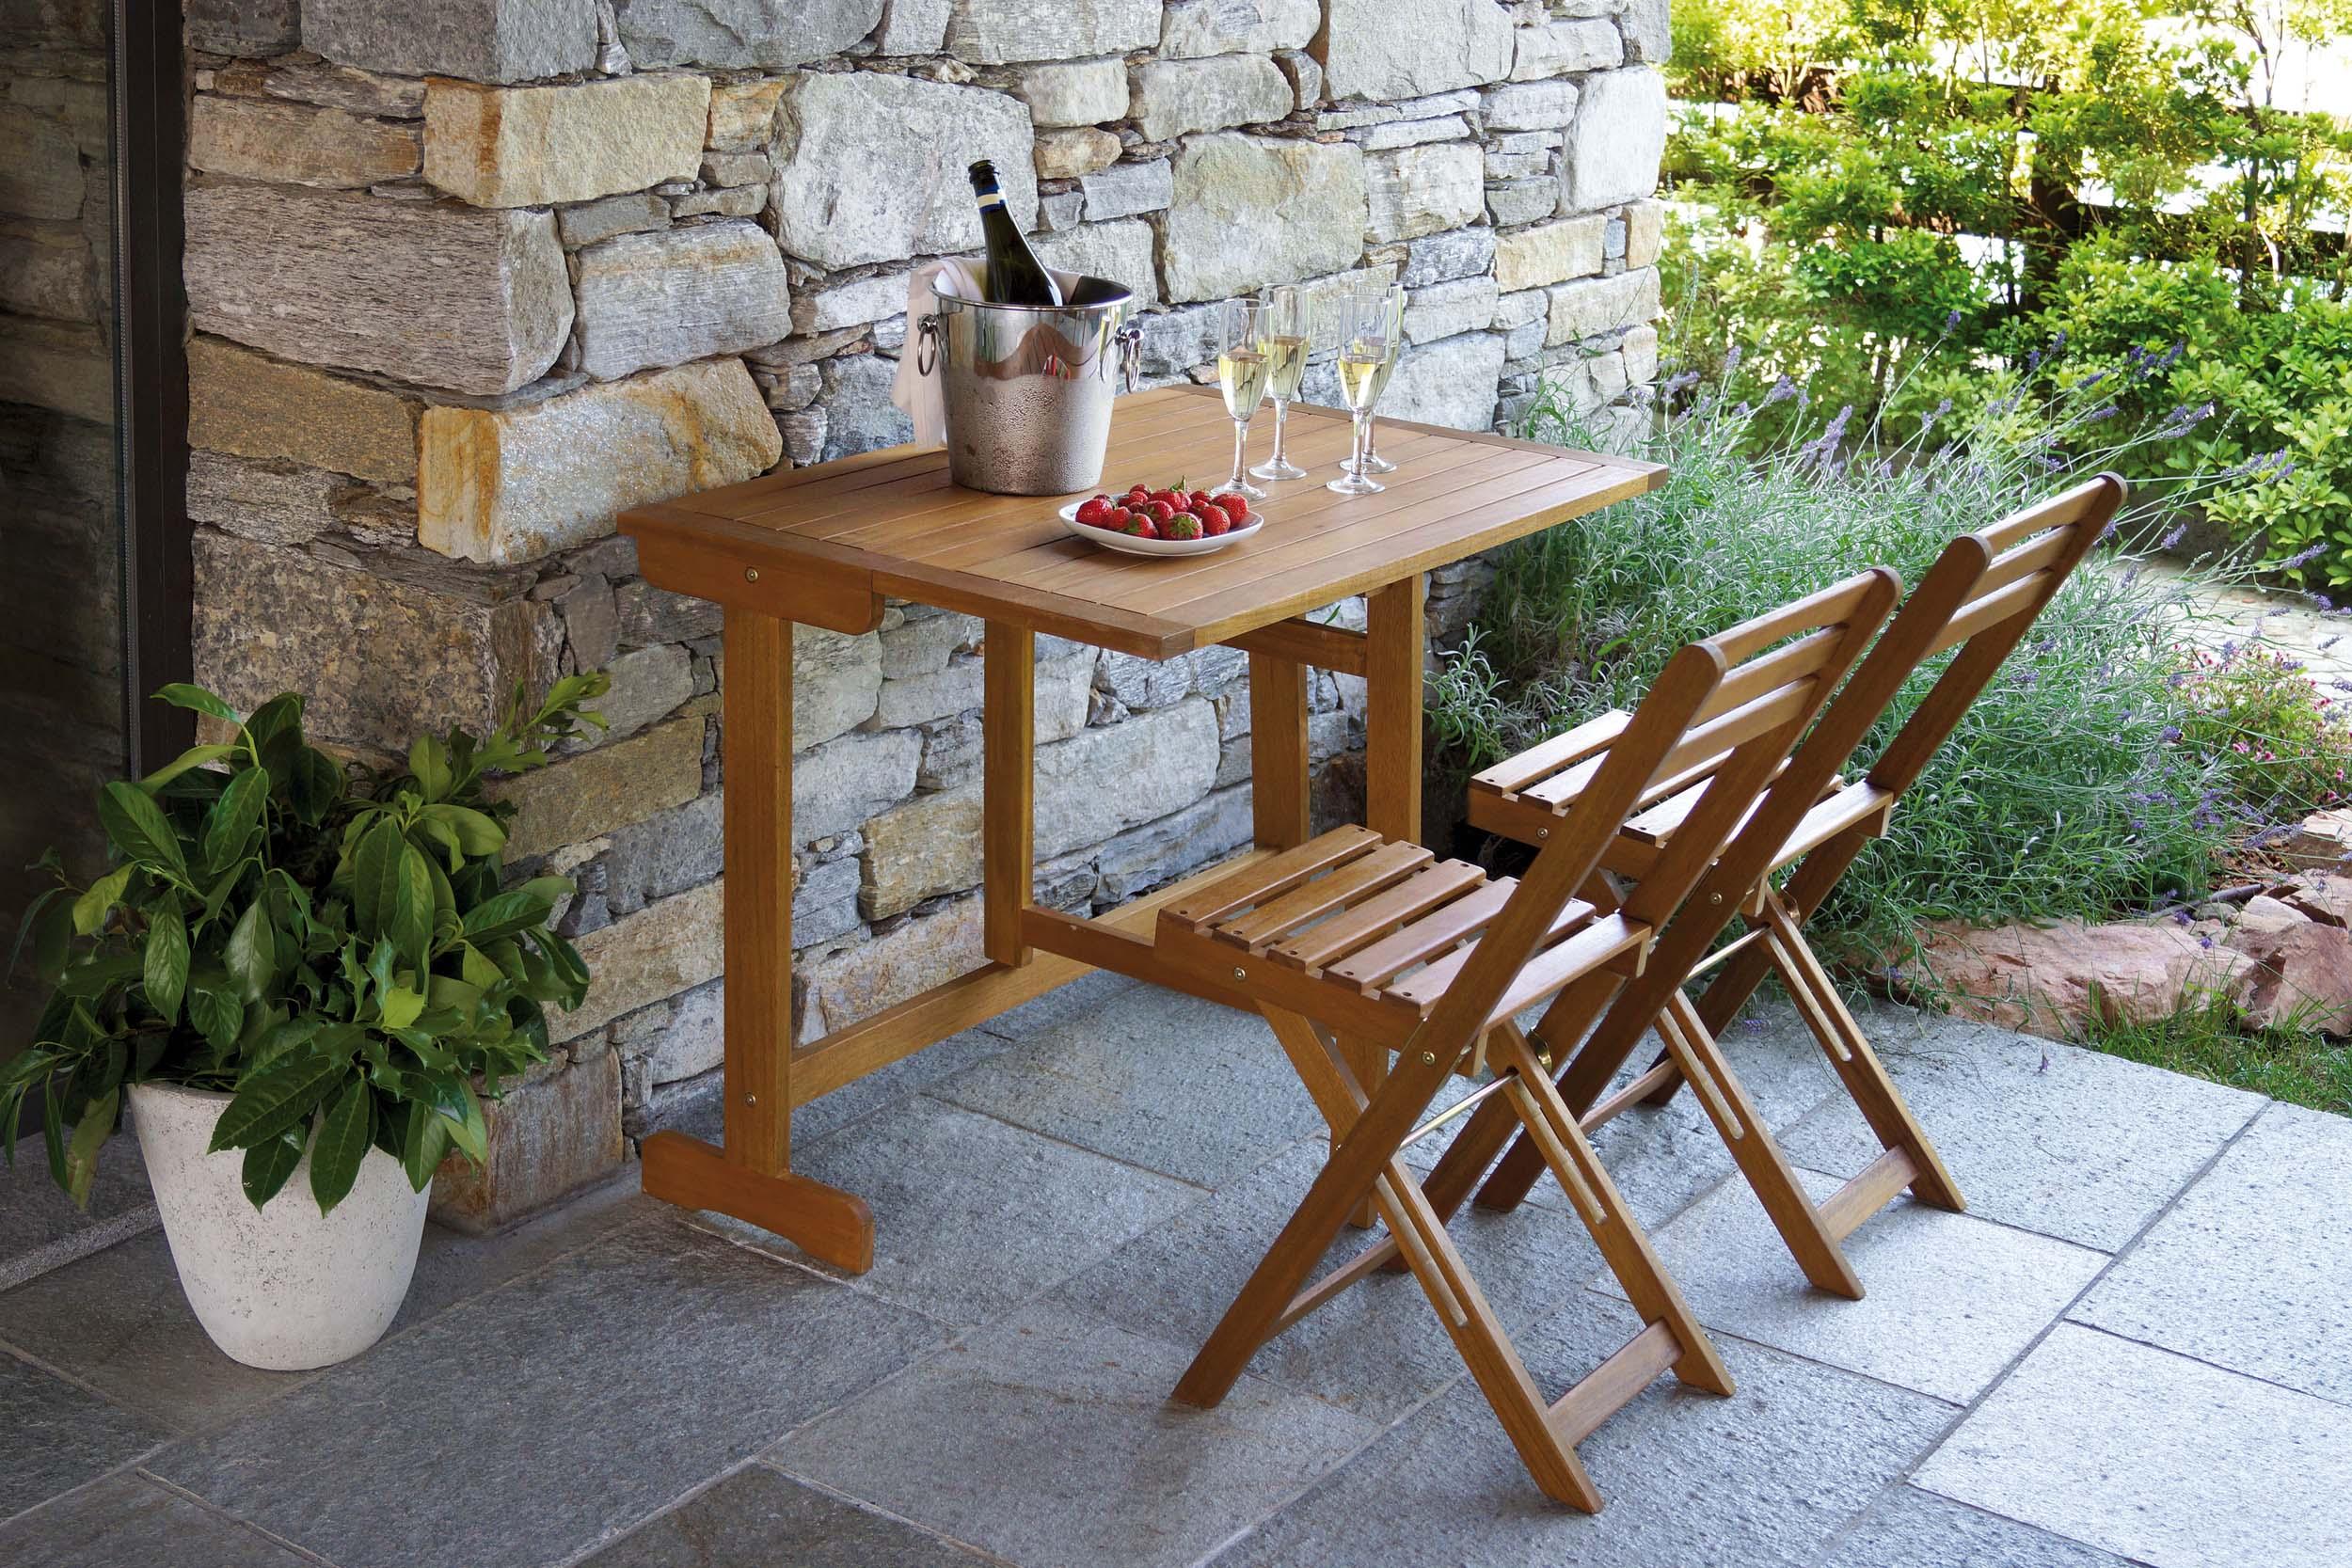 Set balcony arredo giardino ercole tempo libero for Arredo giardino catalogo